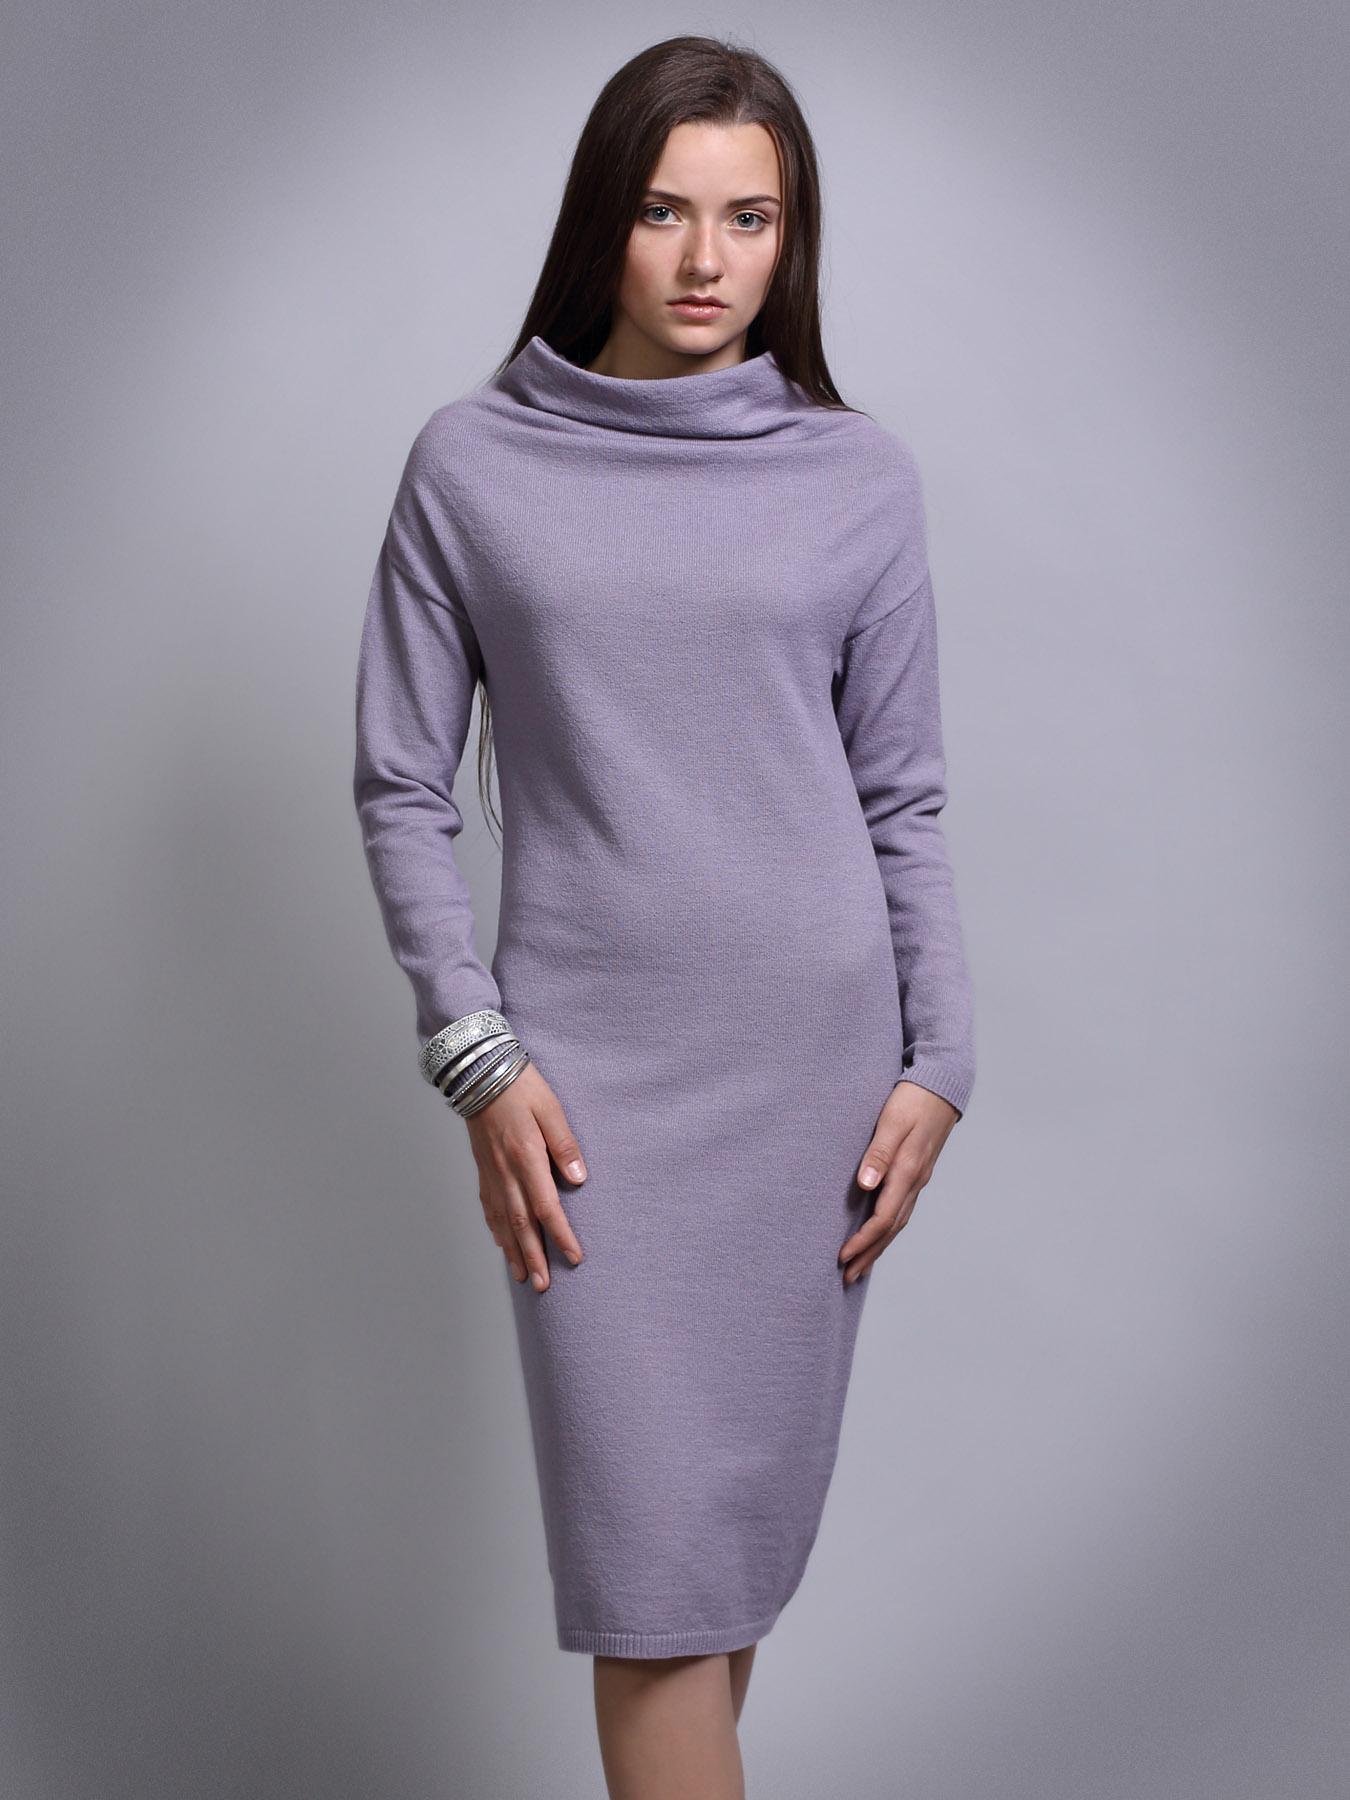 Сбор заказов. Дизайнерская одежда Gadjello. Только для ценителей. Новая чудесная коллекция осень/зима 2015/16